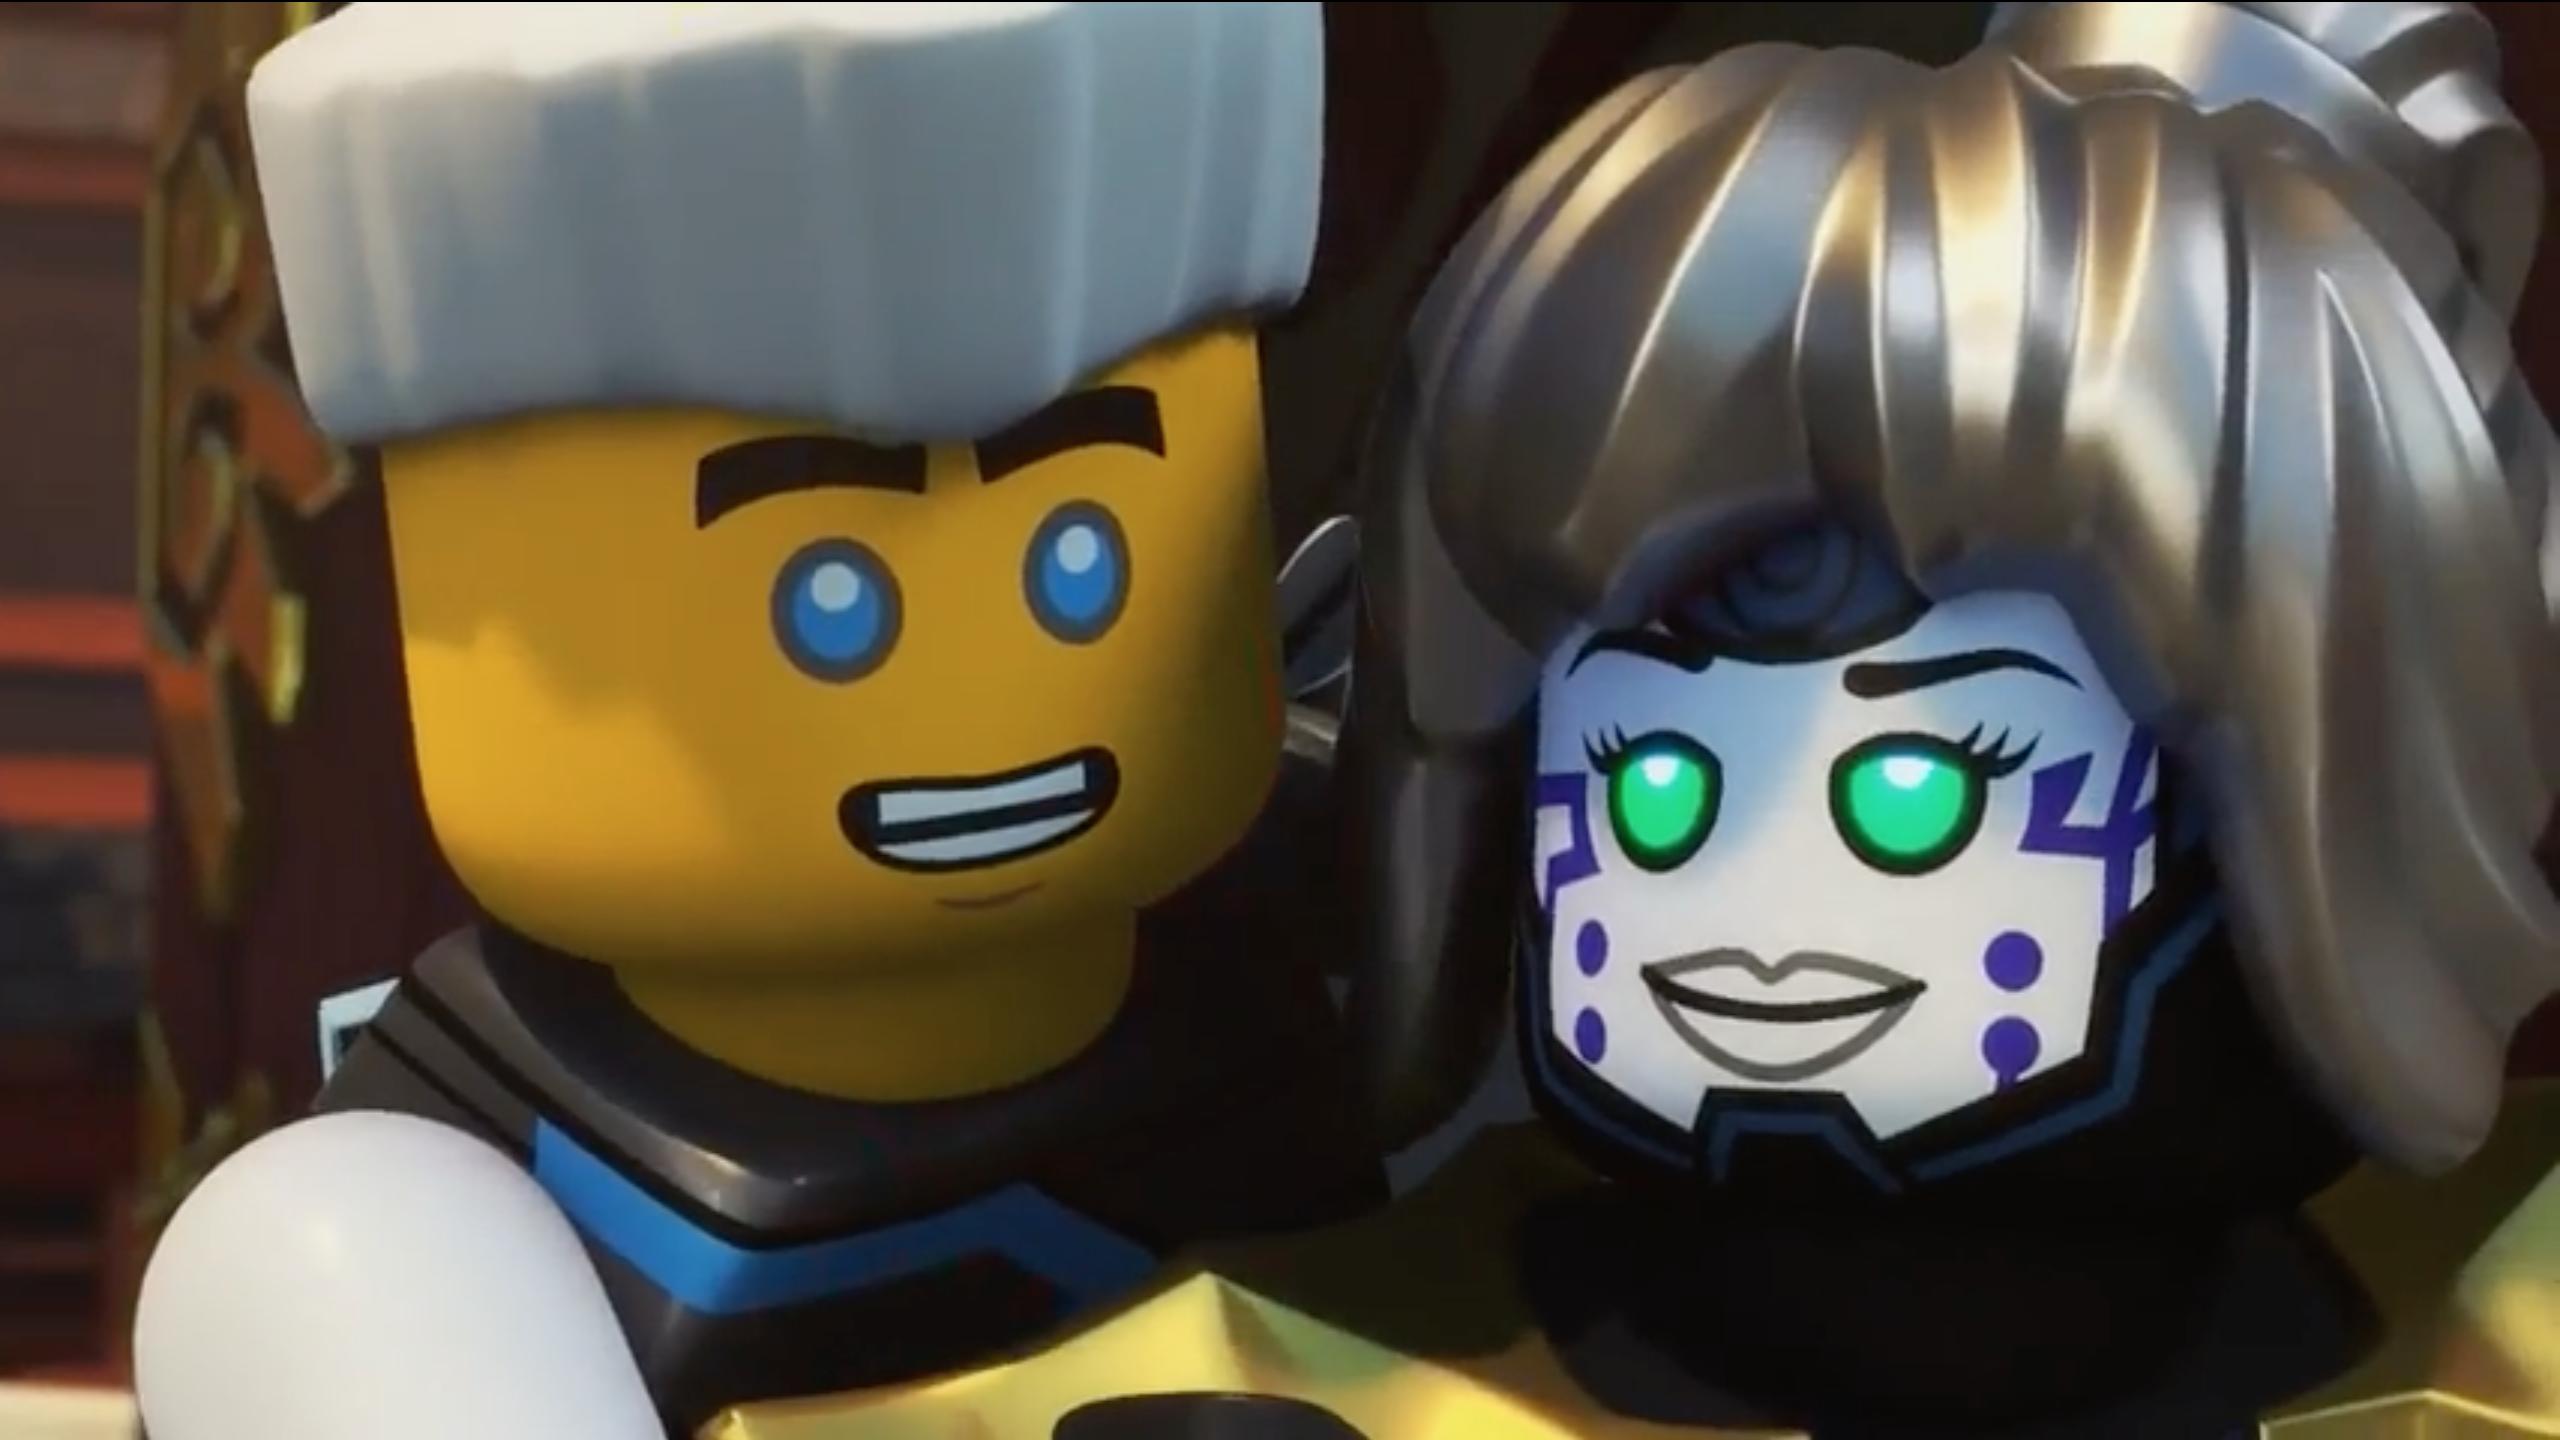 NEW Lego Ninjago Female Pixal MINIFIG HEAD White Red Green Eyes Robot Girl Smile